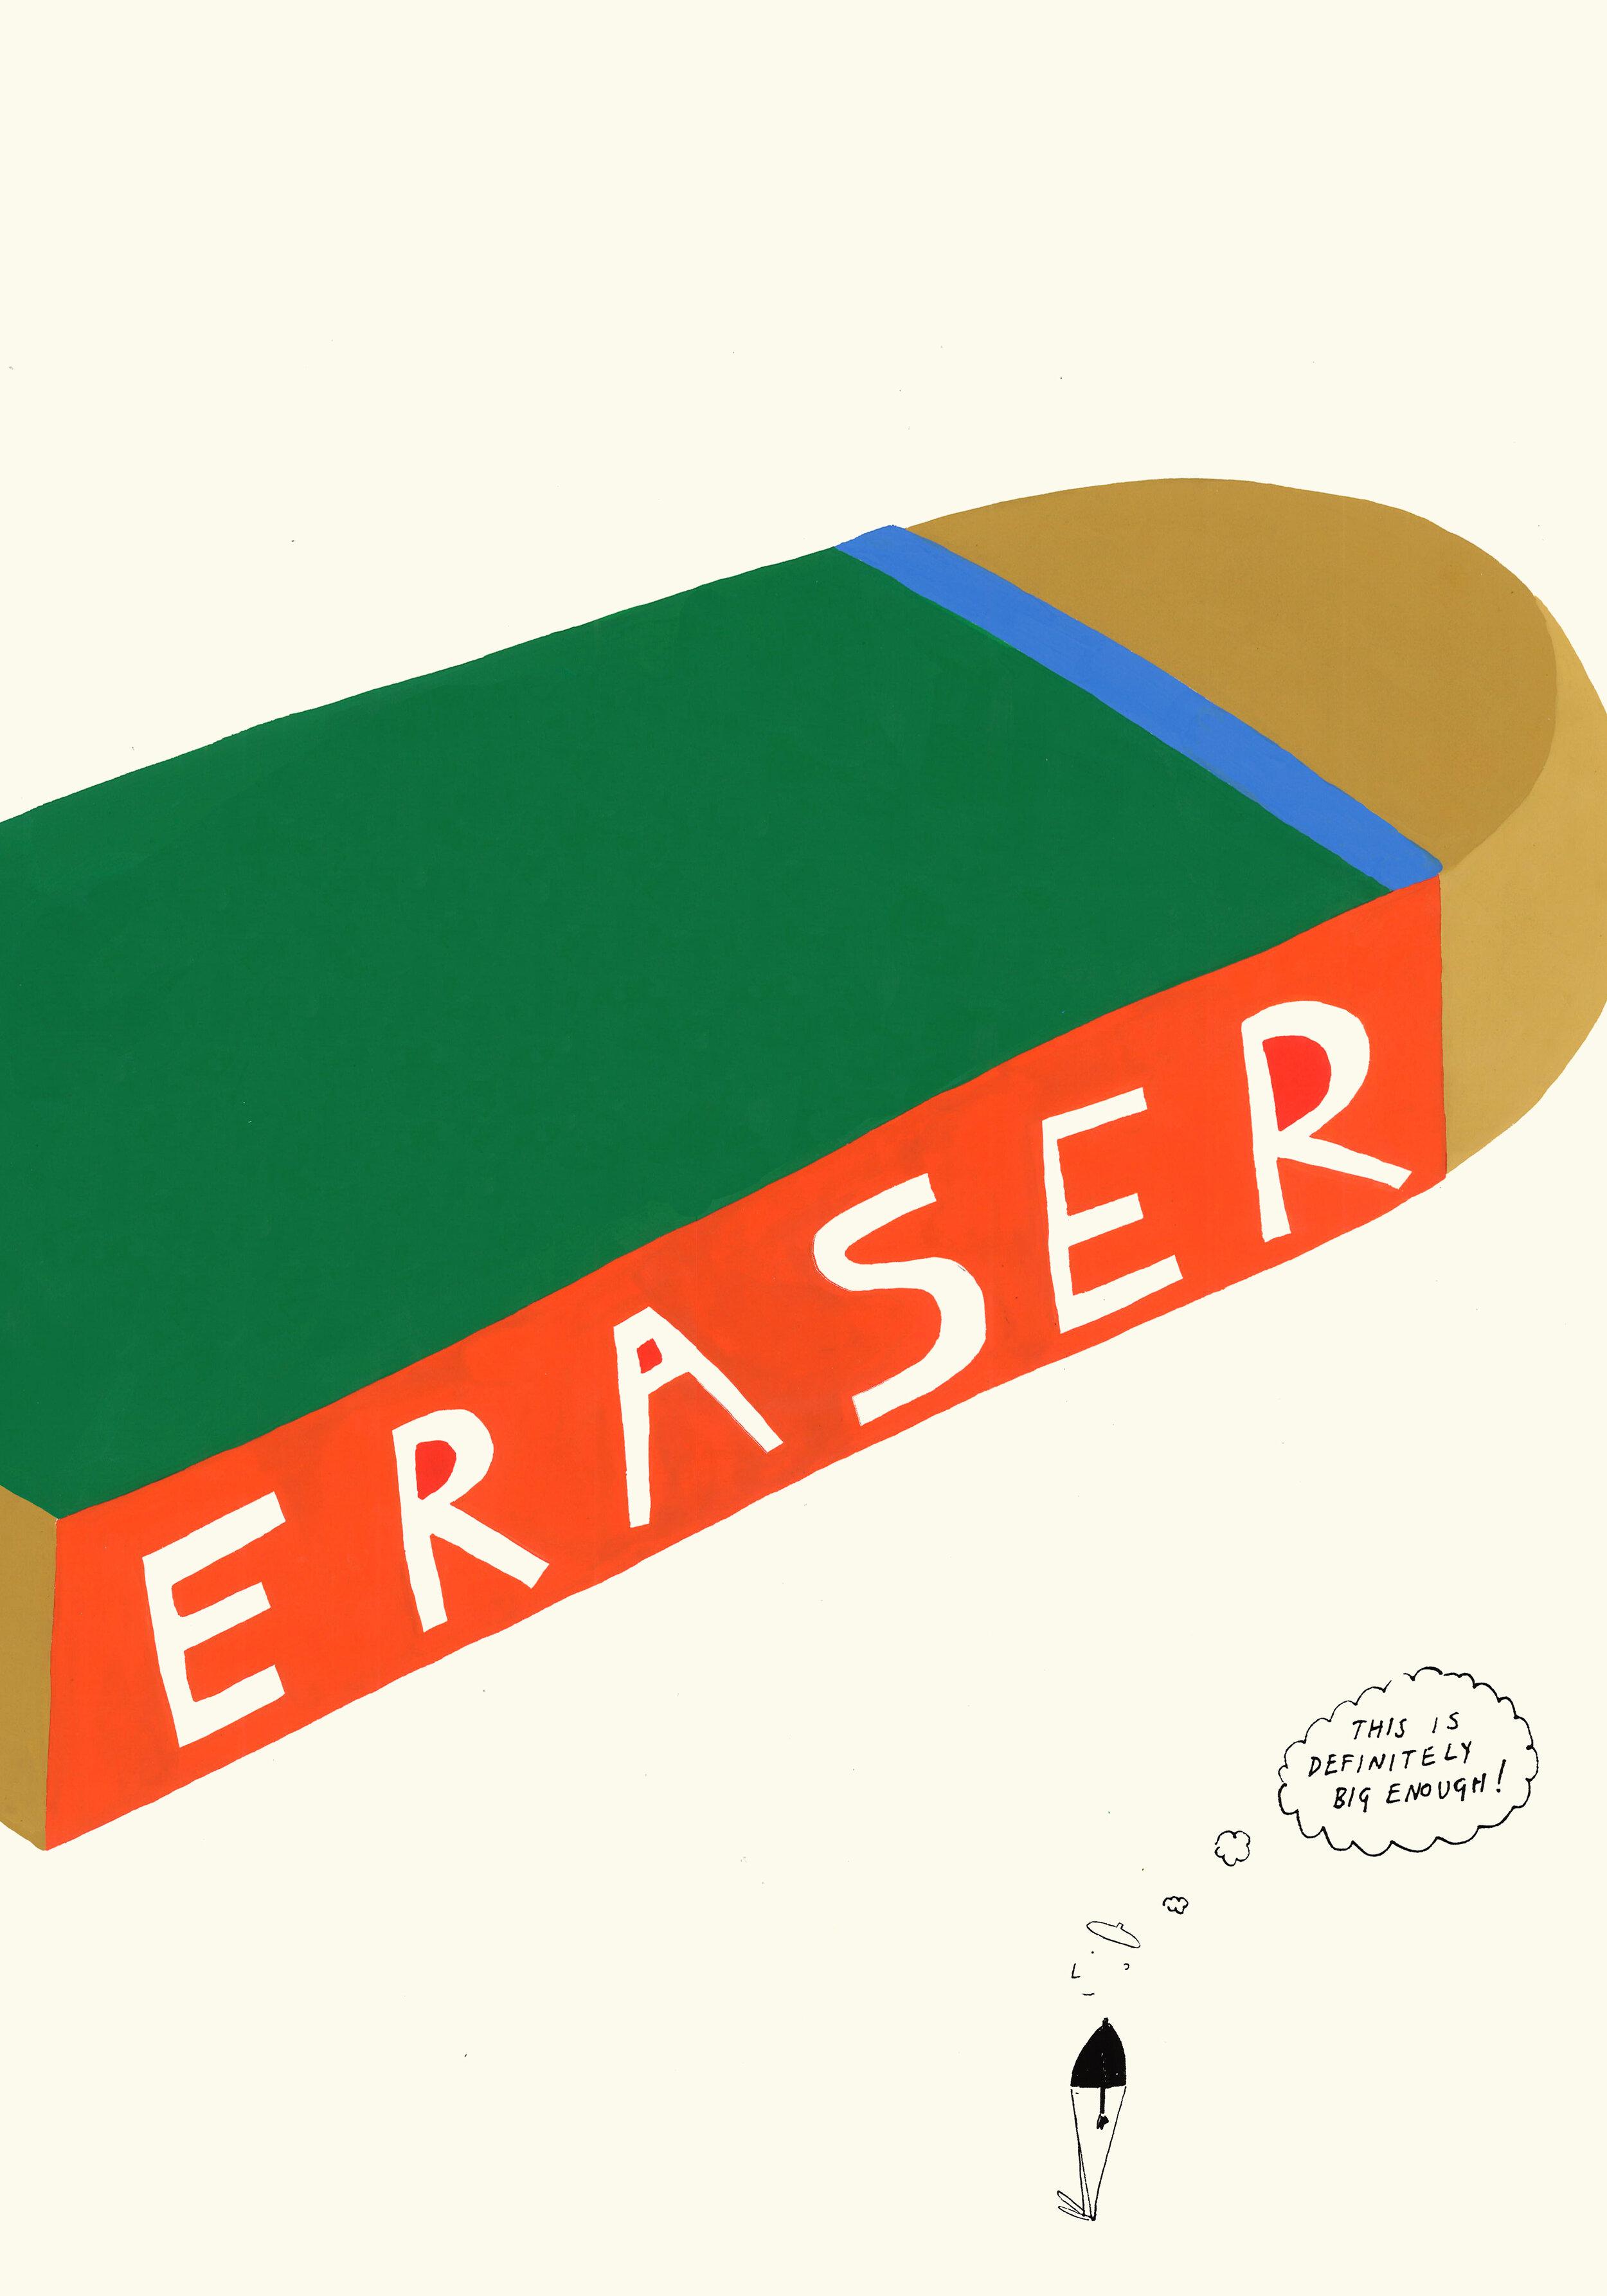 eraser-long-fiiiiiinal.jpg